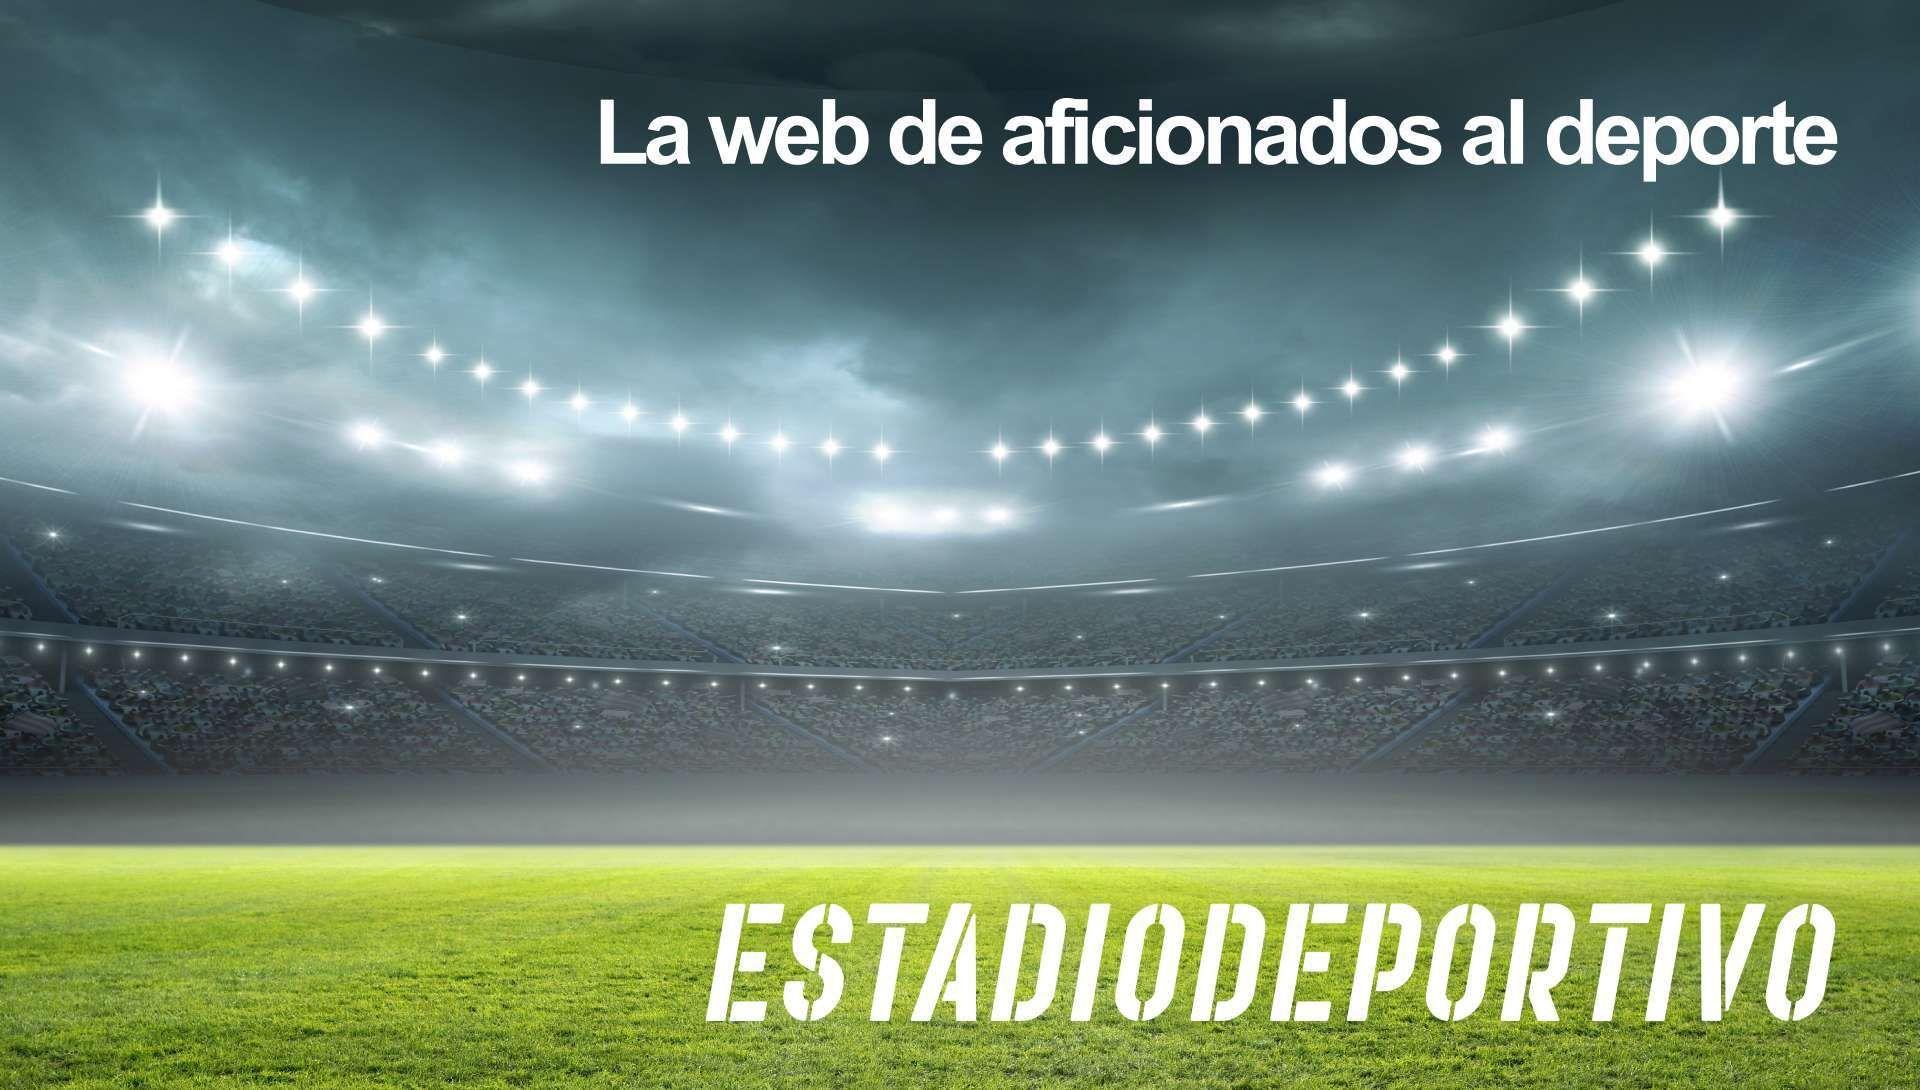 Liverpool 1-3 Sevilla F.C.: ¡Pentacampeón! La Copa ya está aquí